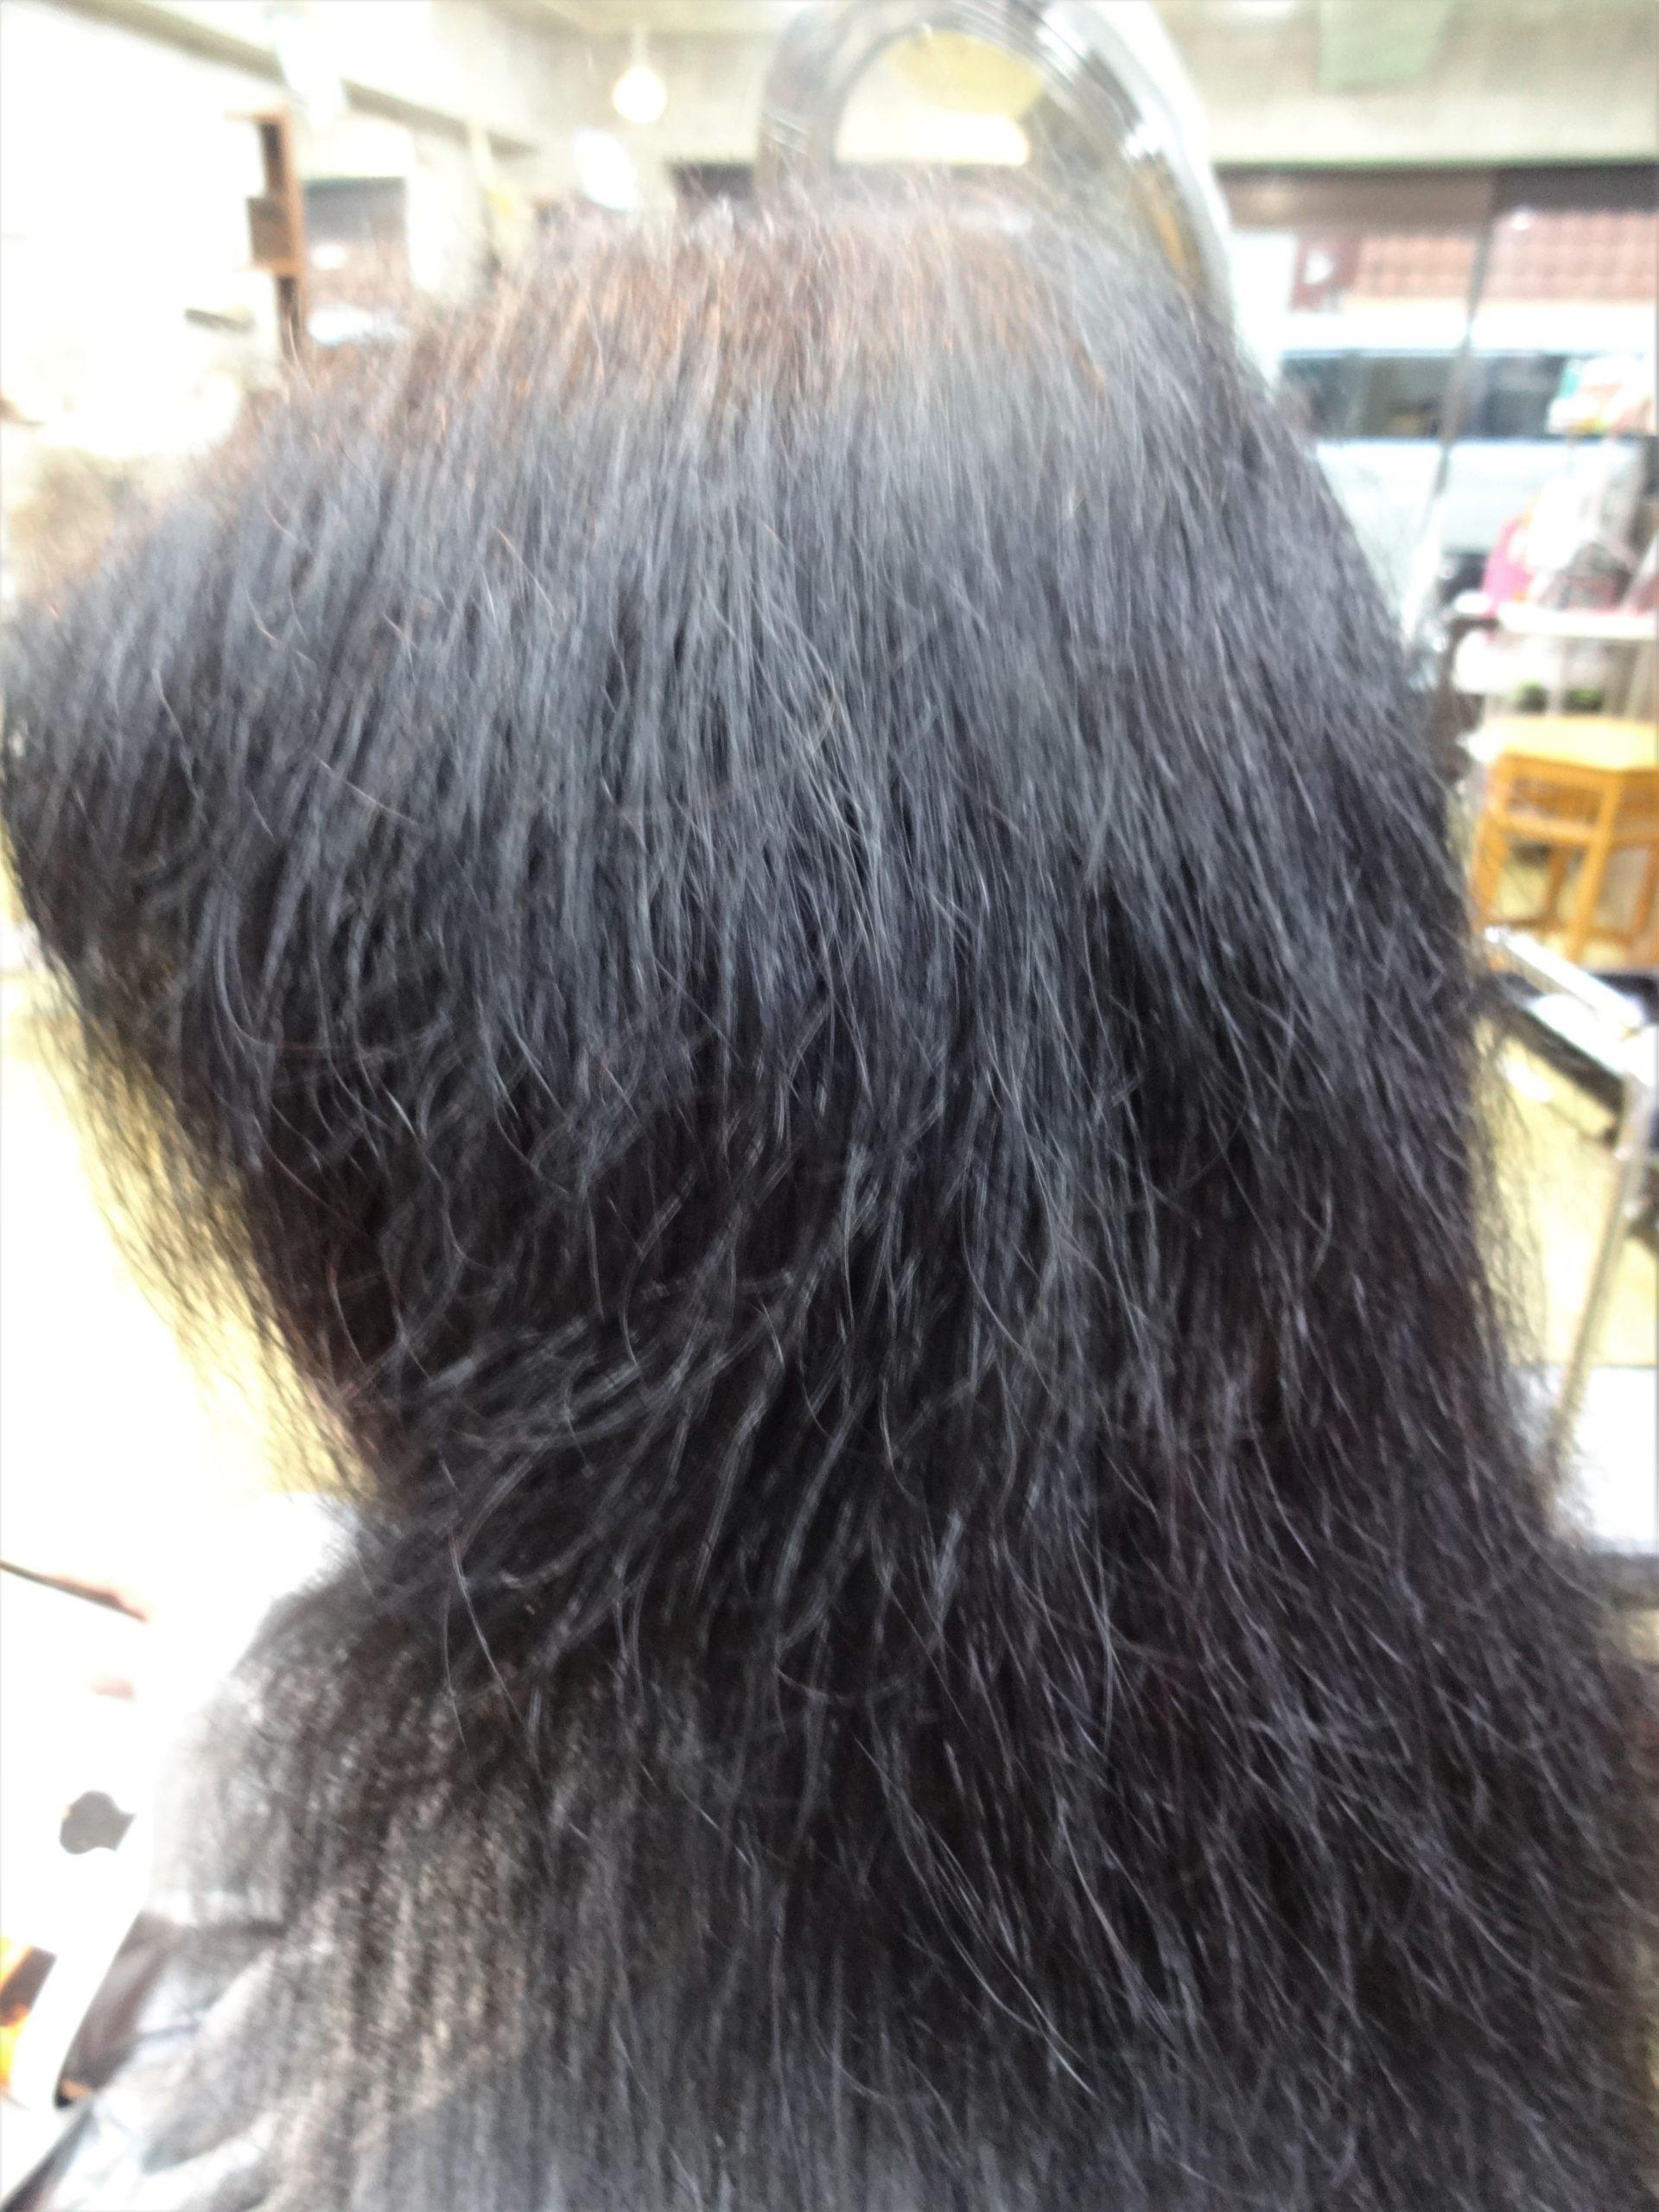 vol.8 女性の4人に1人は貧血気味!貧血で髪の毛が傷みやすくなる!?